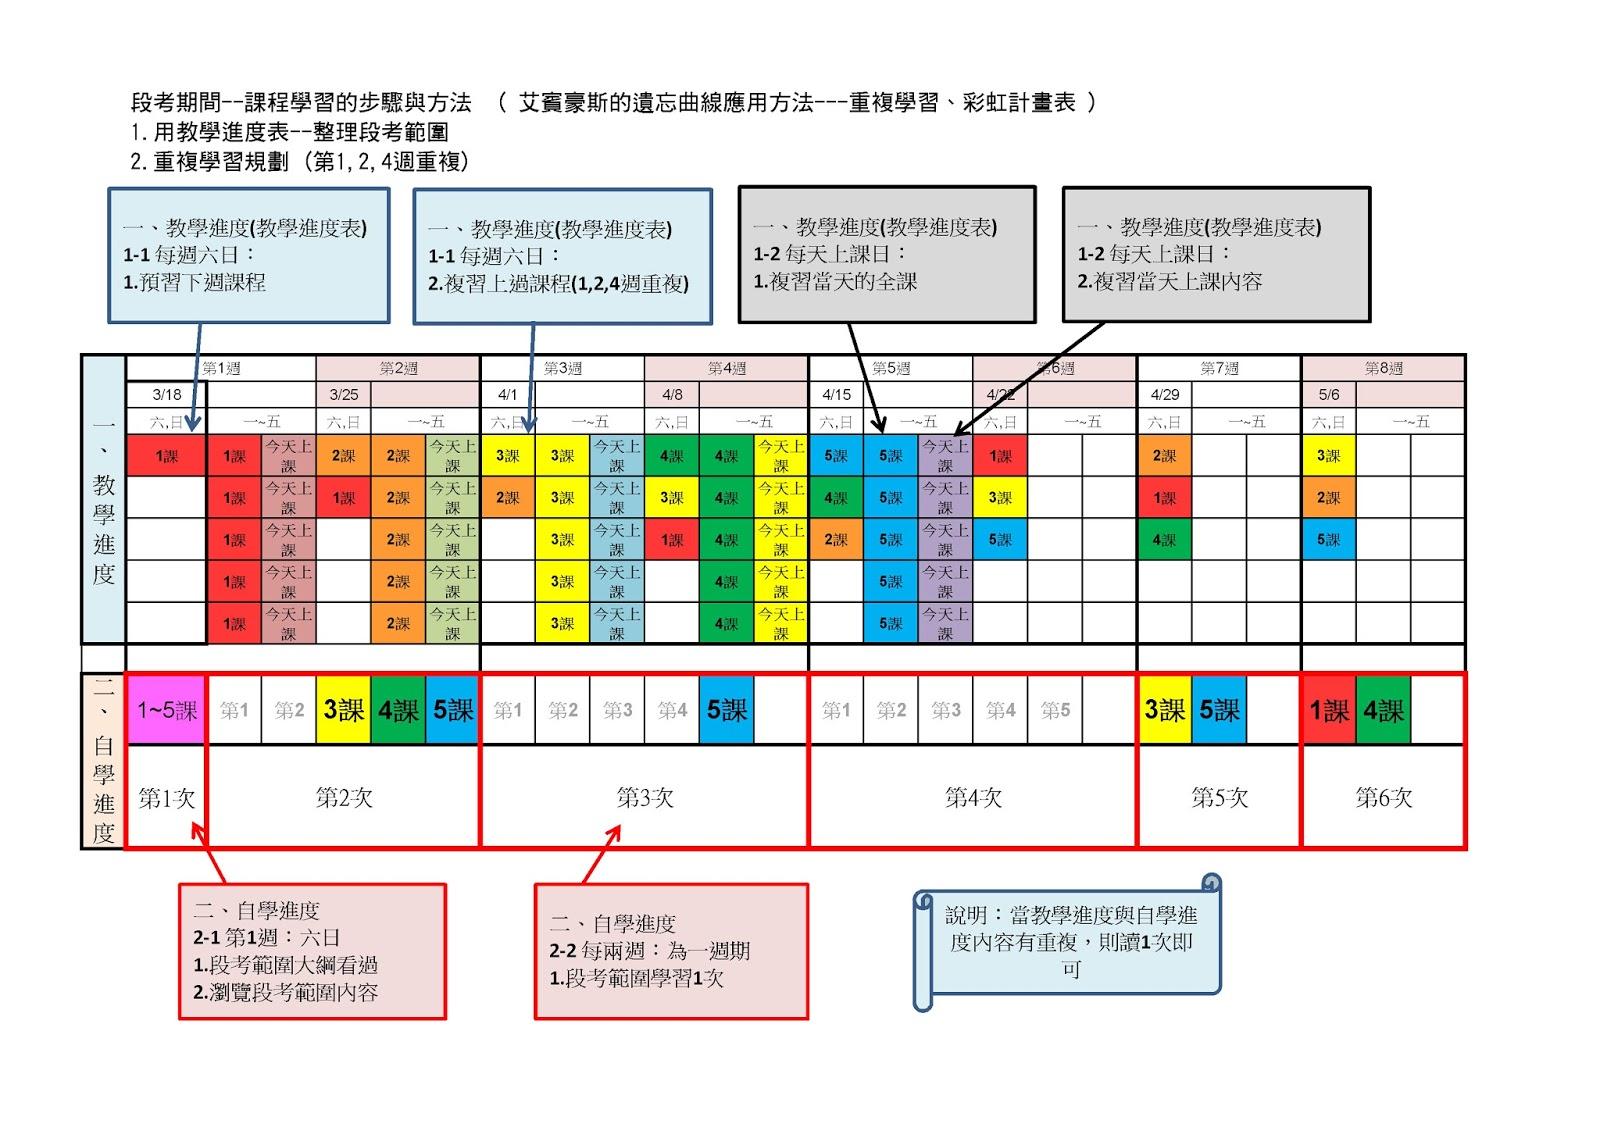 75 讀書會: 艾賓豪斯的遺忘曲線應用方法---重複學習、彩虹計畫表